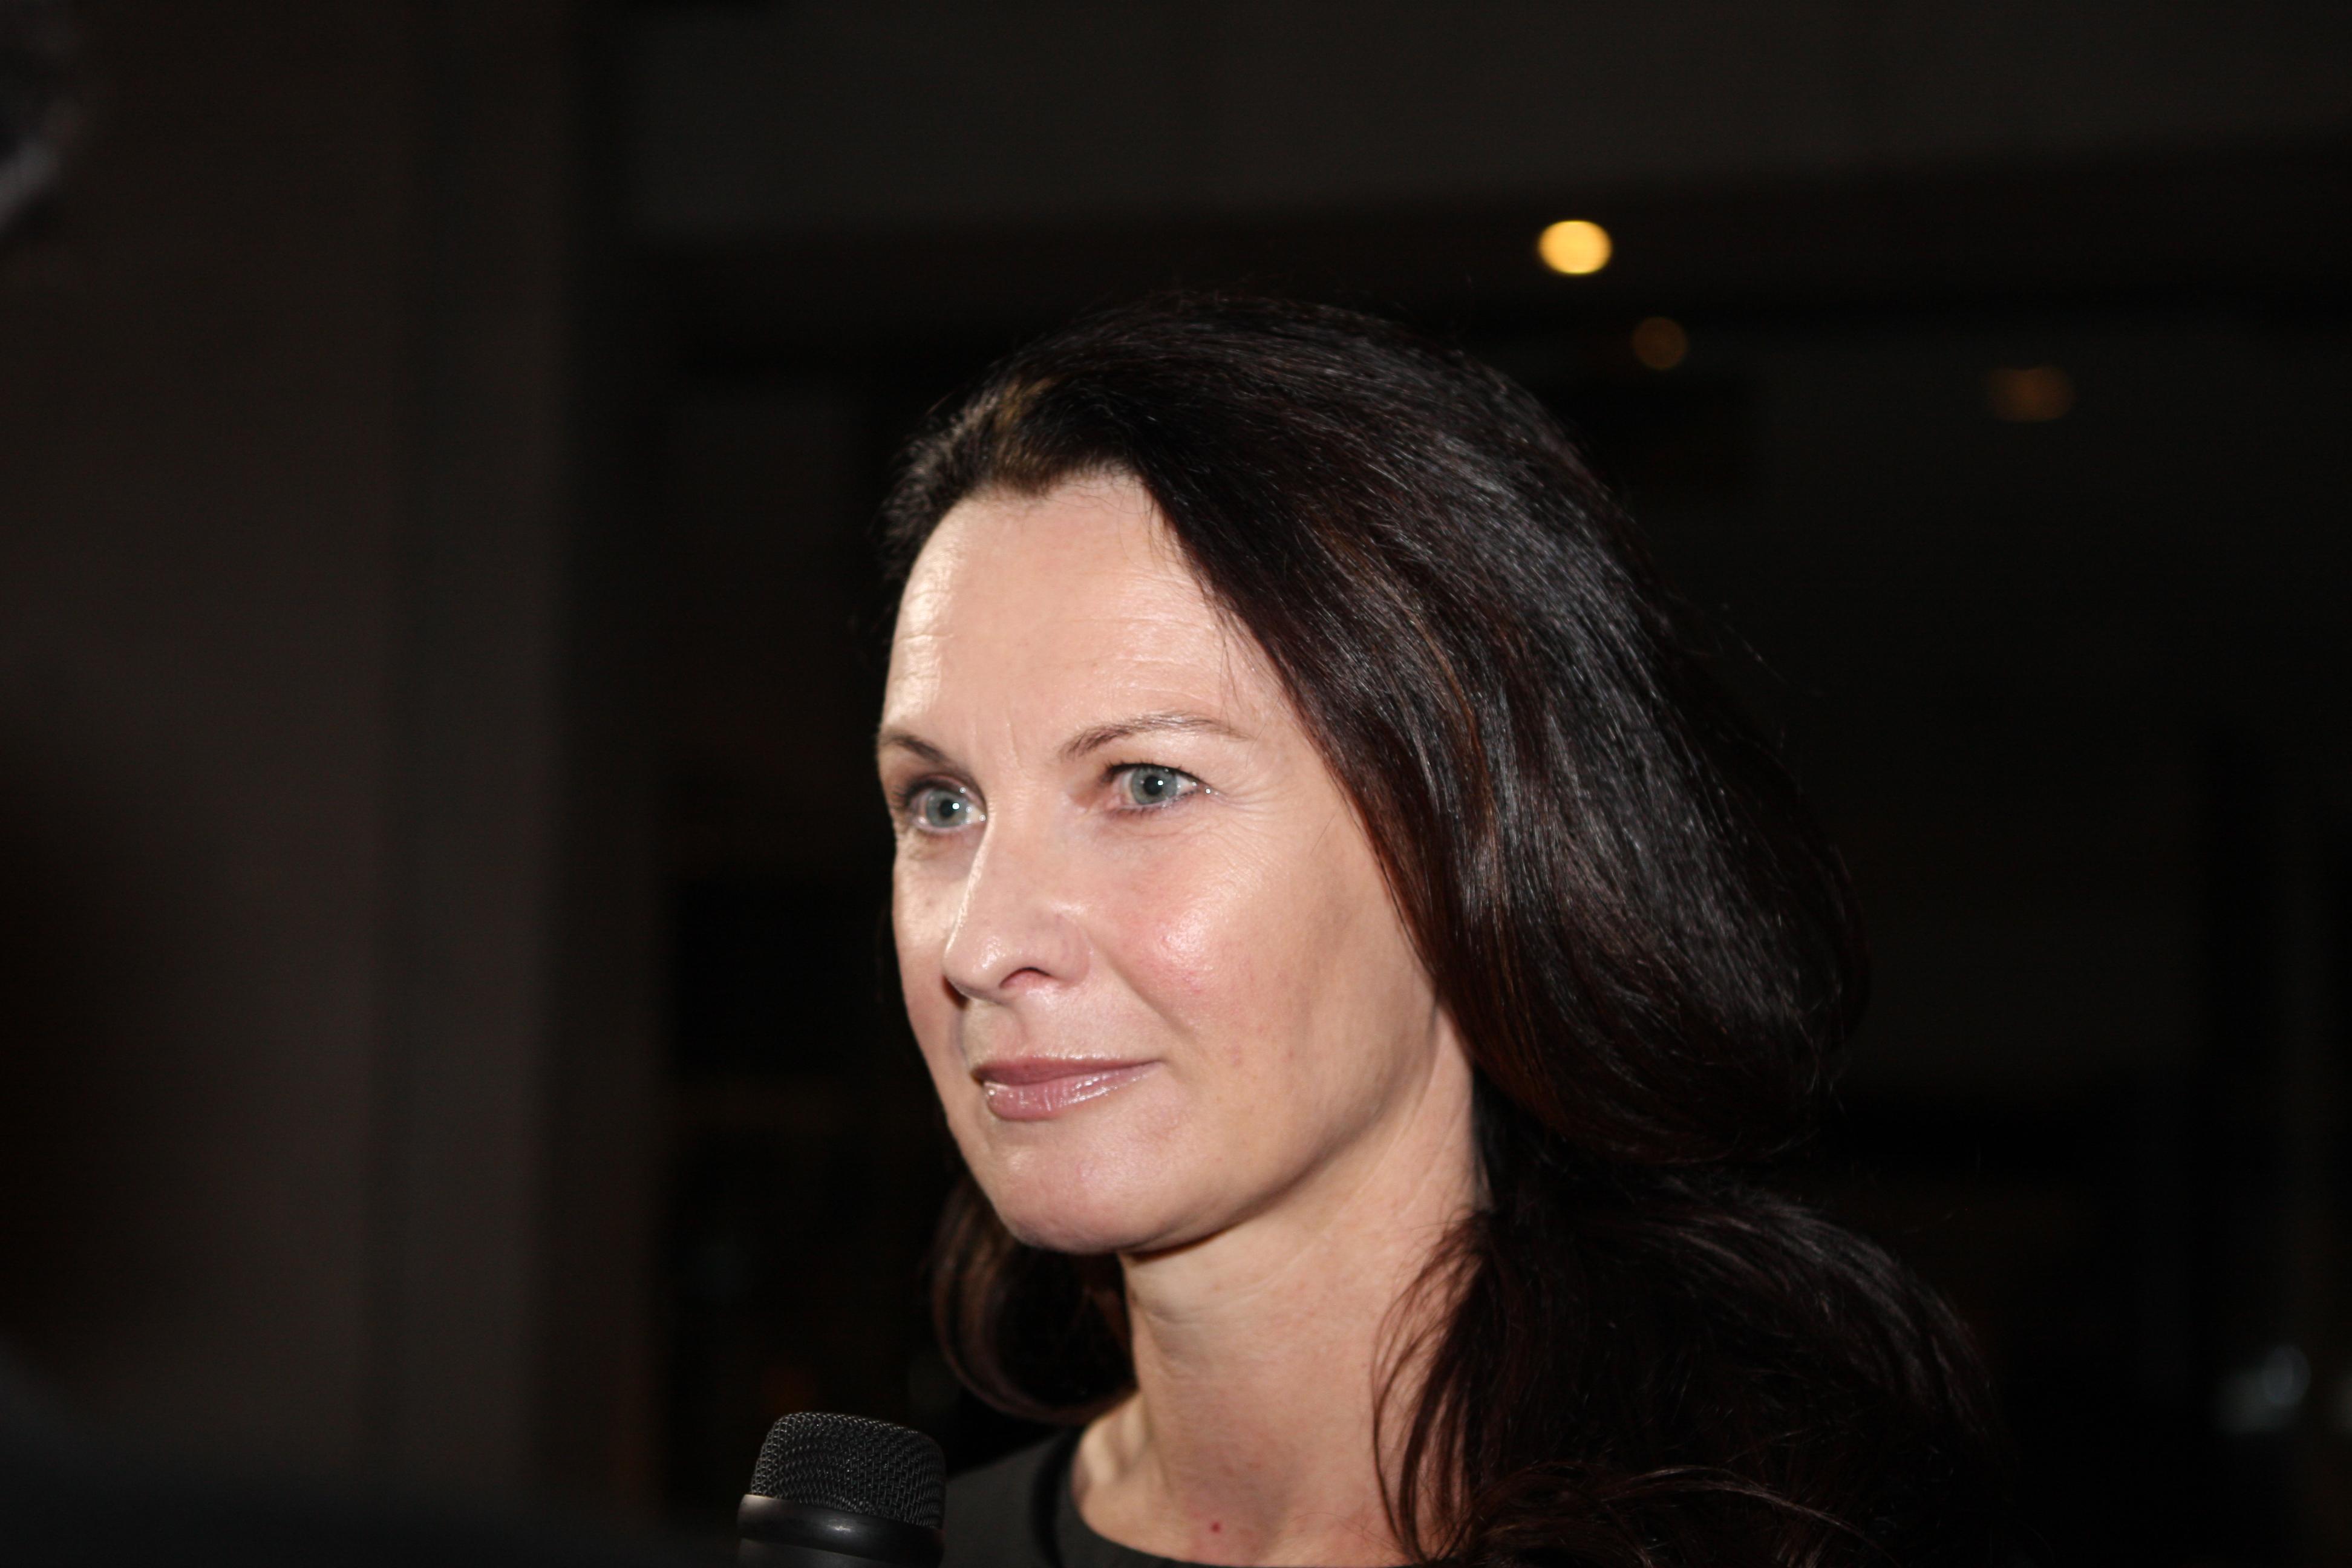 Tara Morice